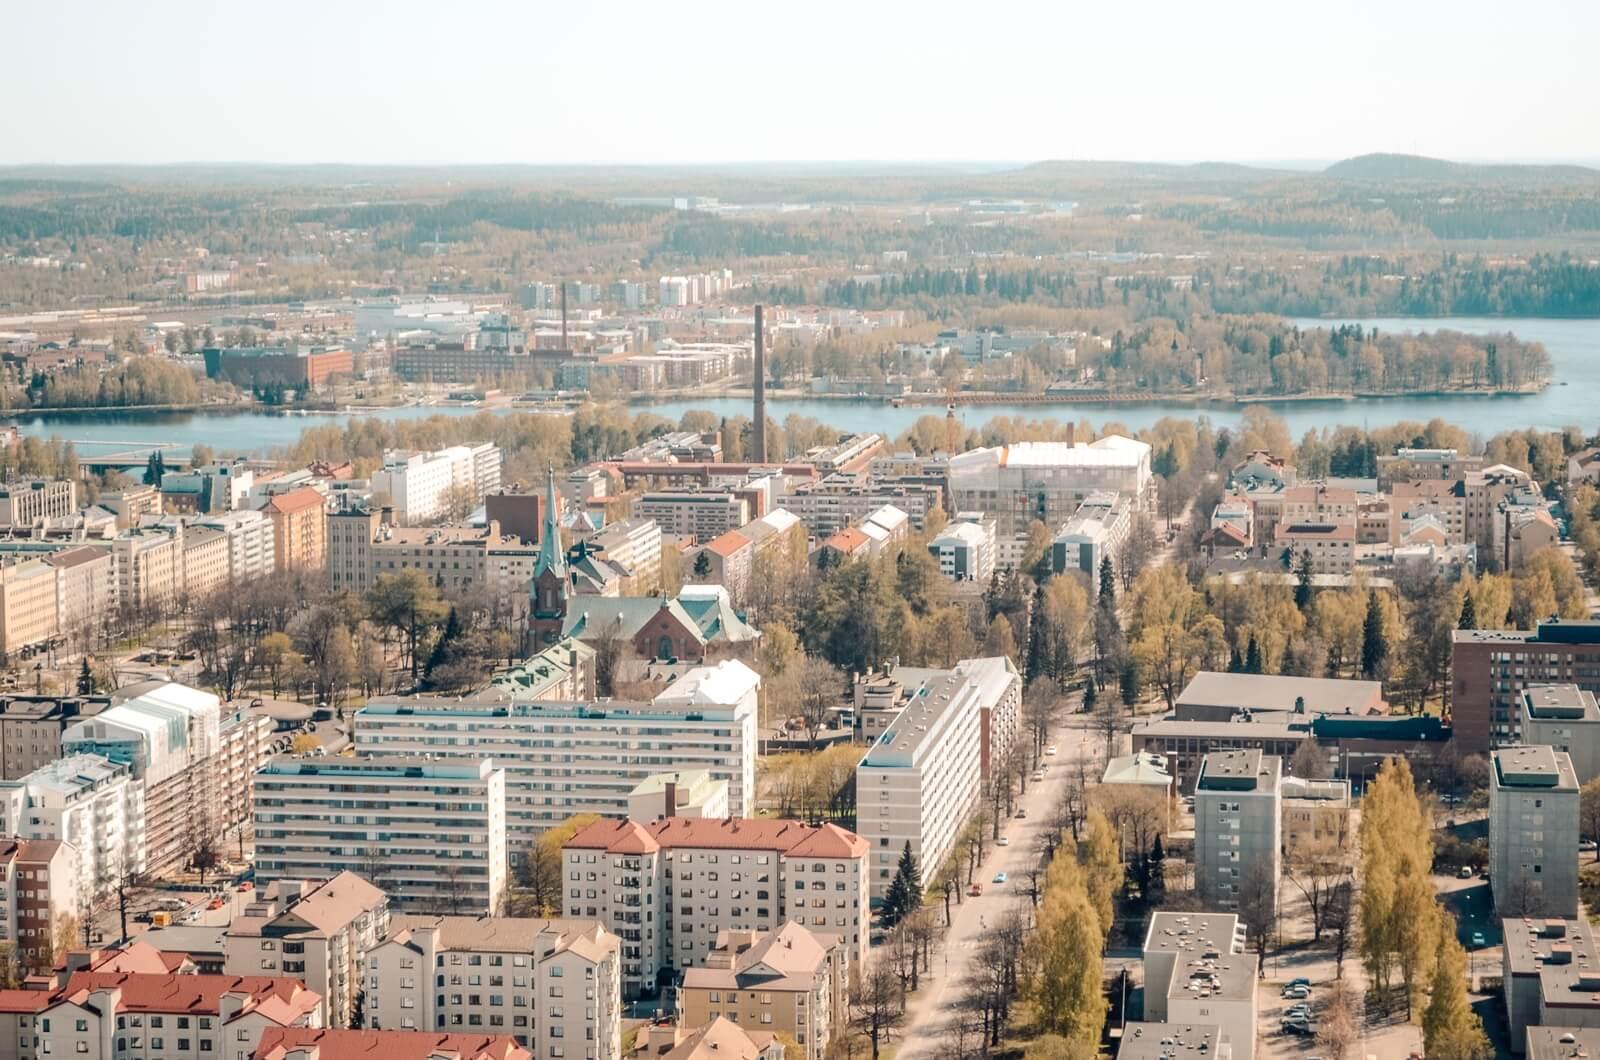 tampere-finland-lavienblog-allrightsreserved8